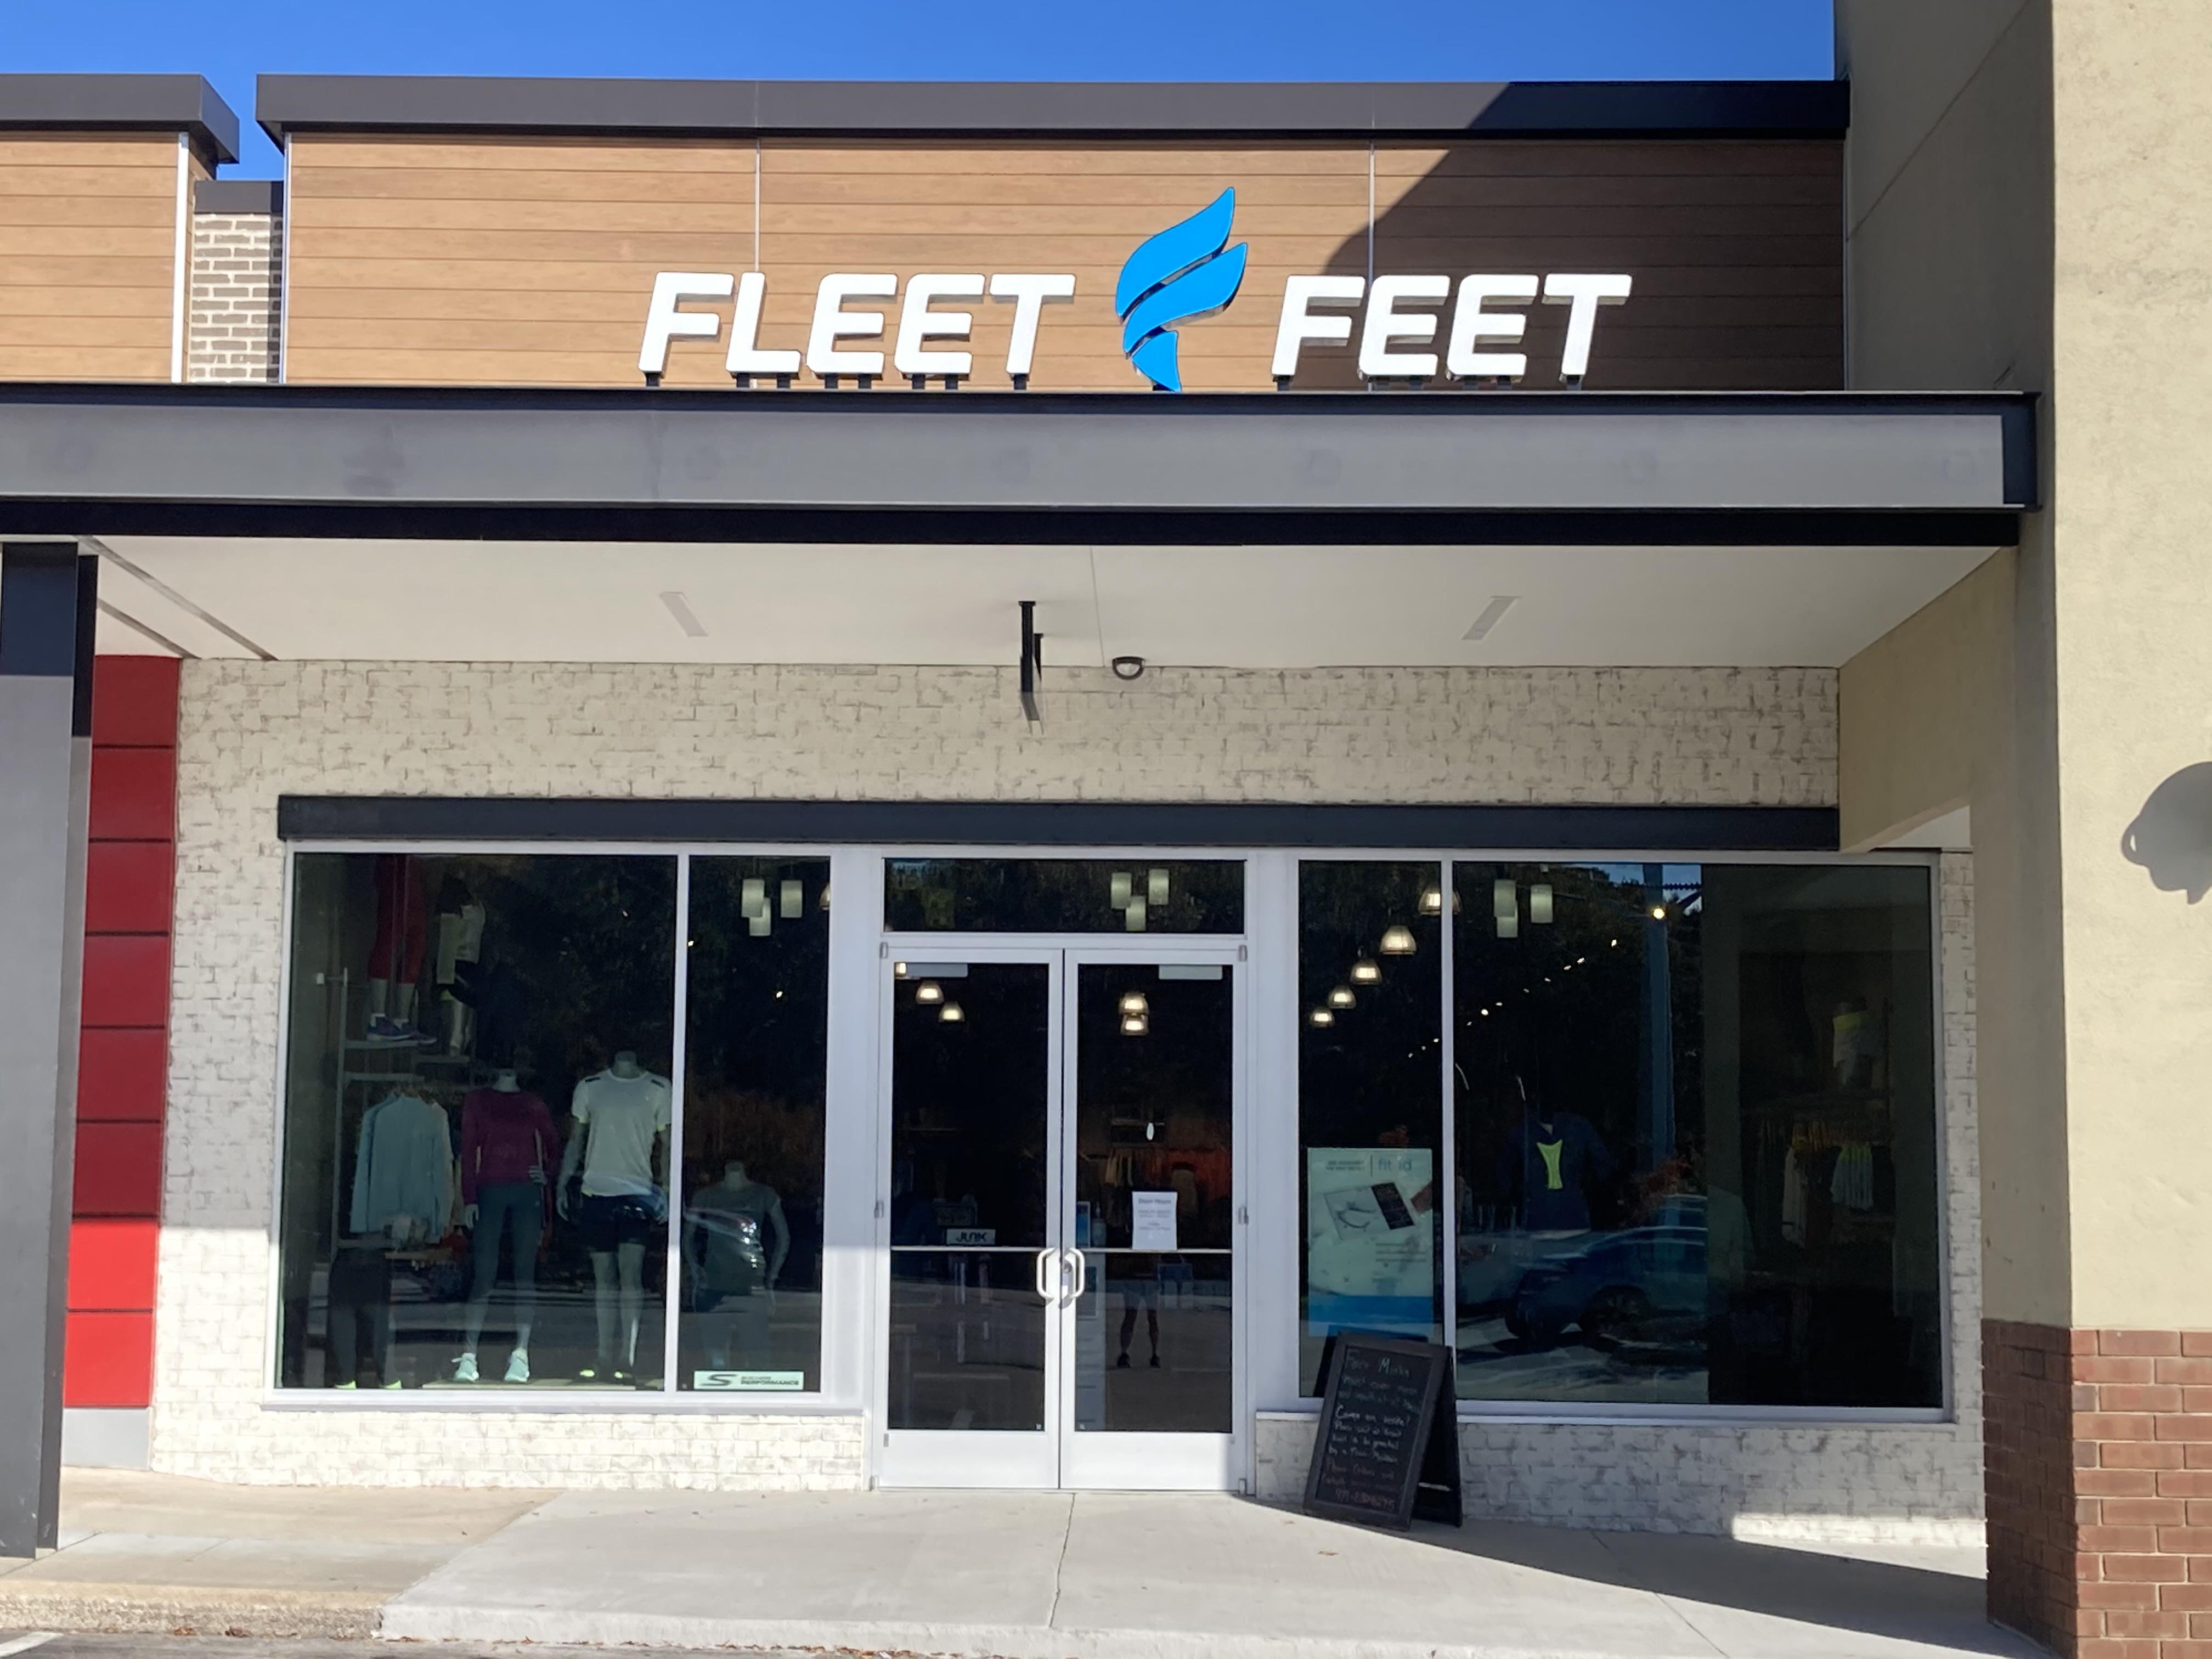 The Fleet Feet Raleigh storefront